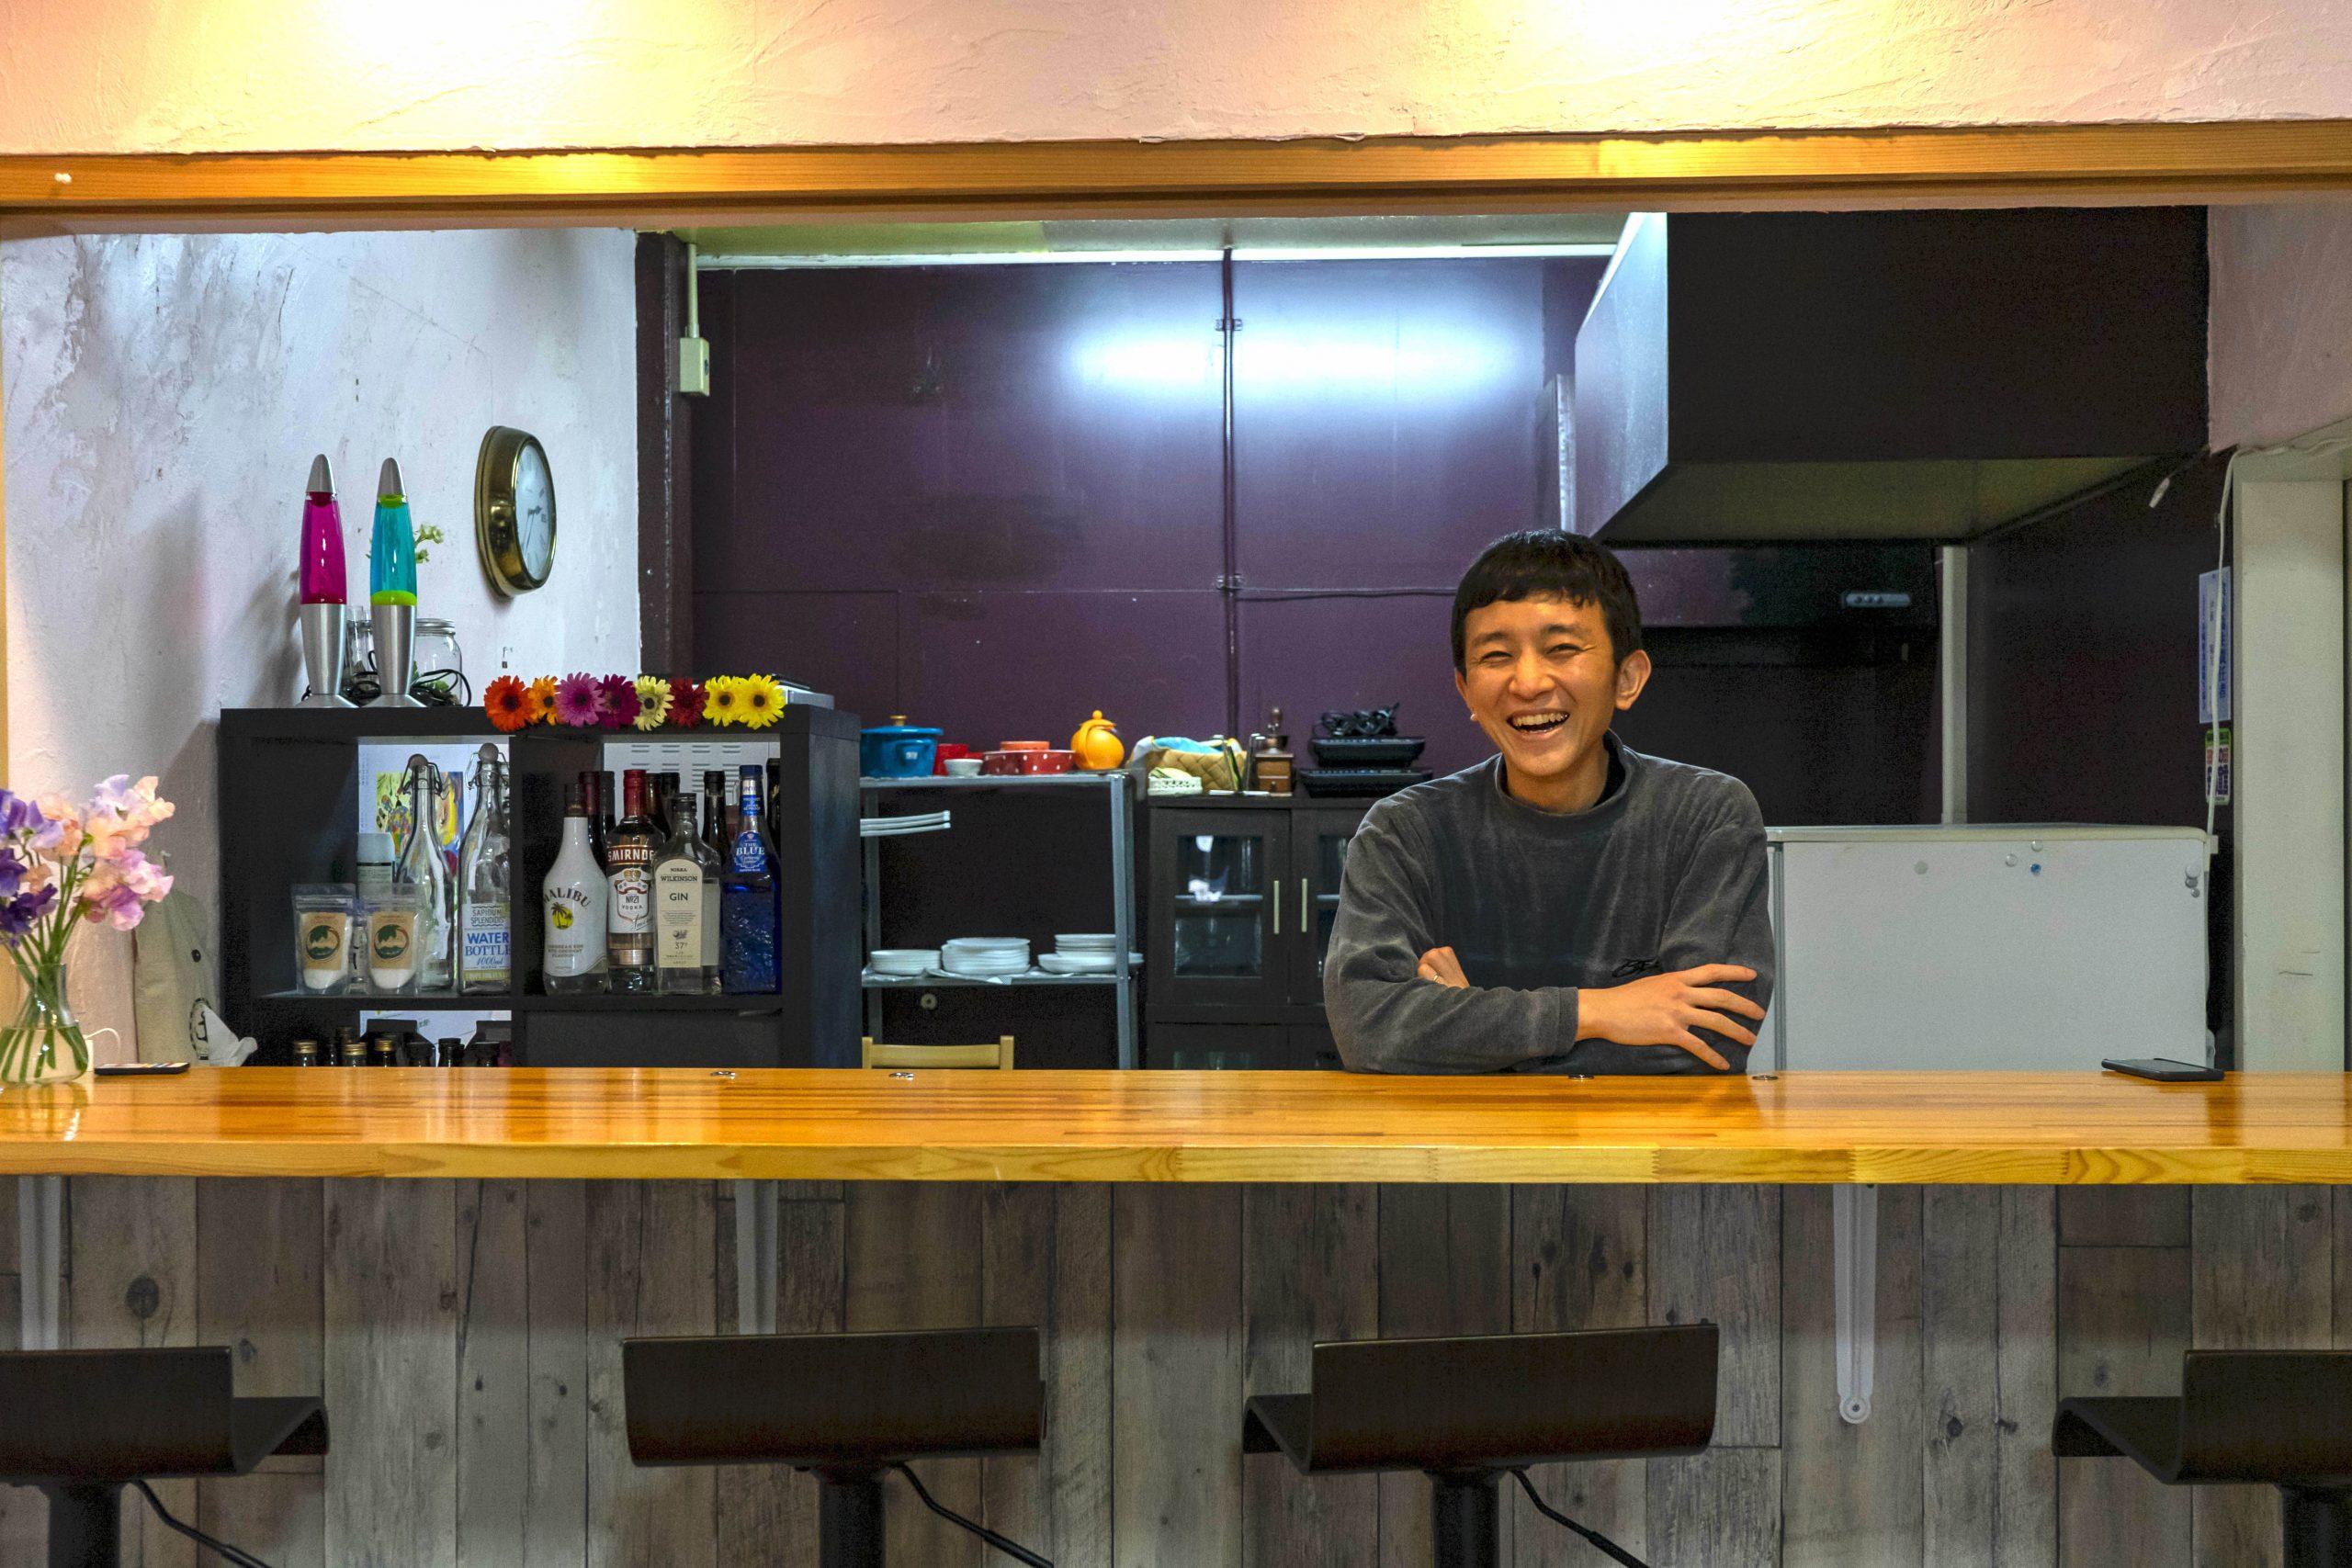 場所を分け合って、楽しみを分かち合う。「シェア型カフェ&バー 360」を運営する後継者を募集!